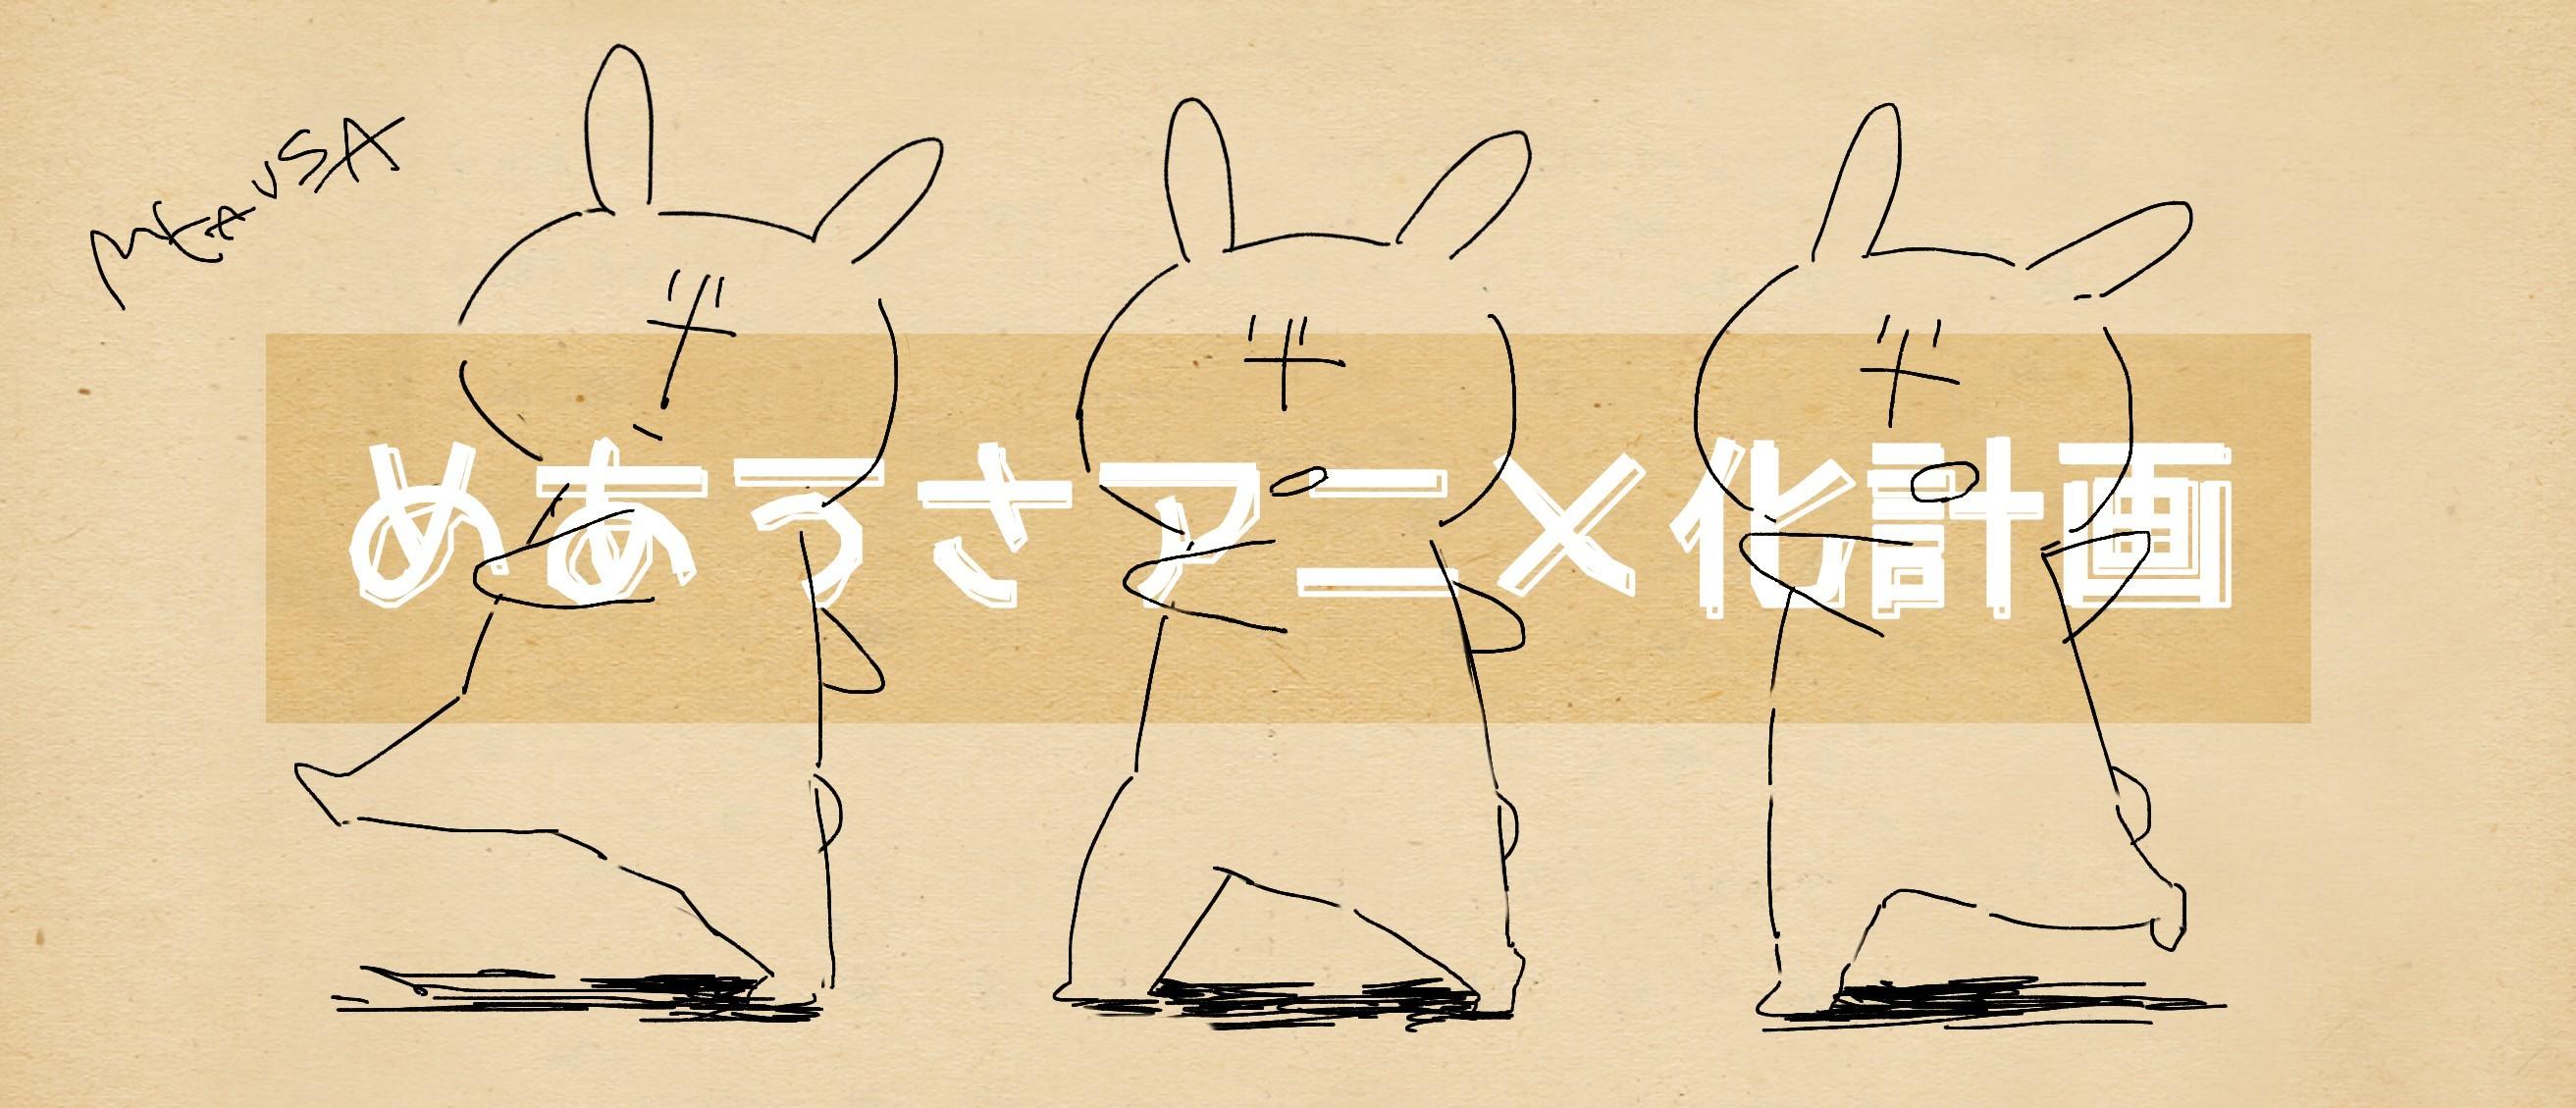 「13月のメリー」リリース記念特別企画!めありーと一緒に「オリジナルめあうさアニメ」を作ろう!プロジェクト